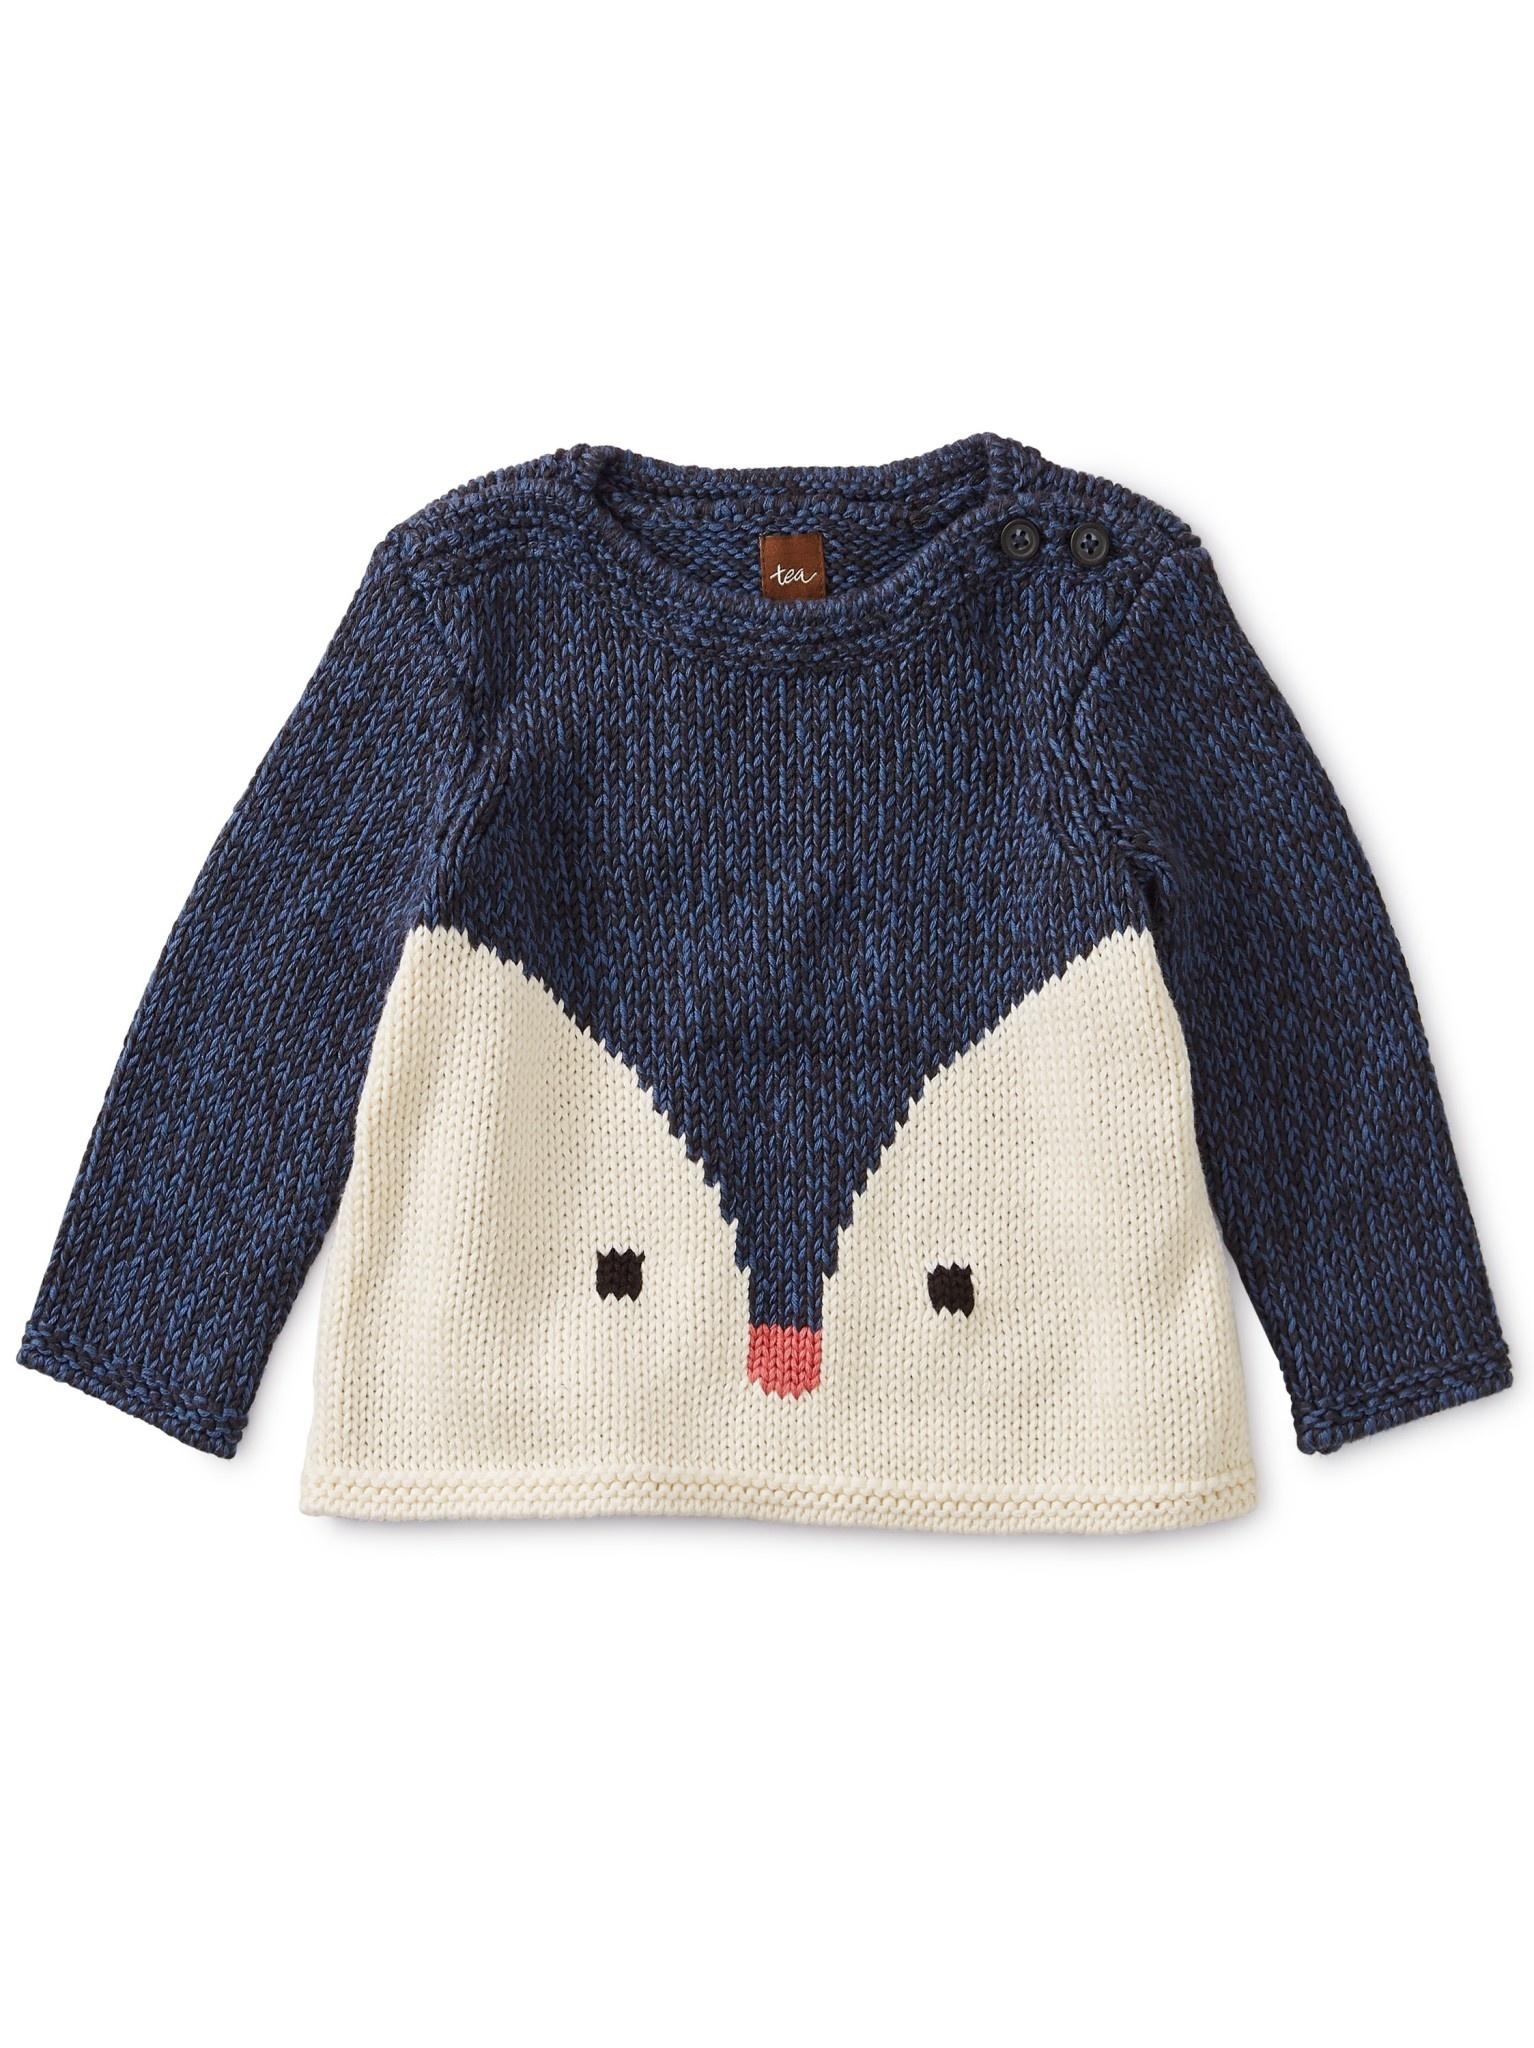 Tea Collection Indigo Critter Sweater